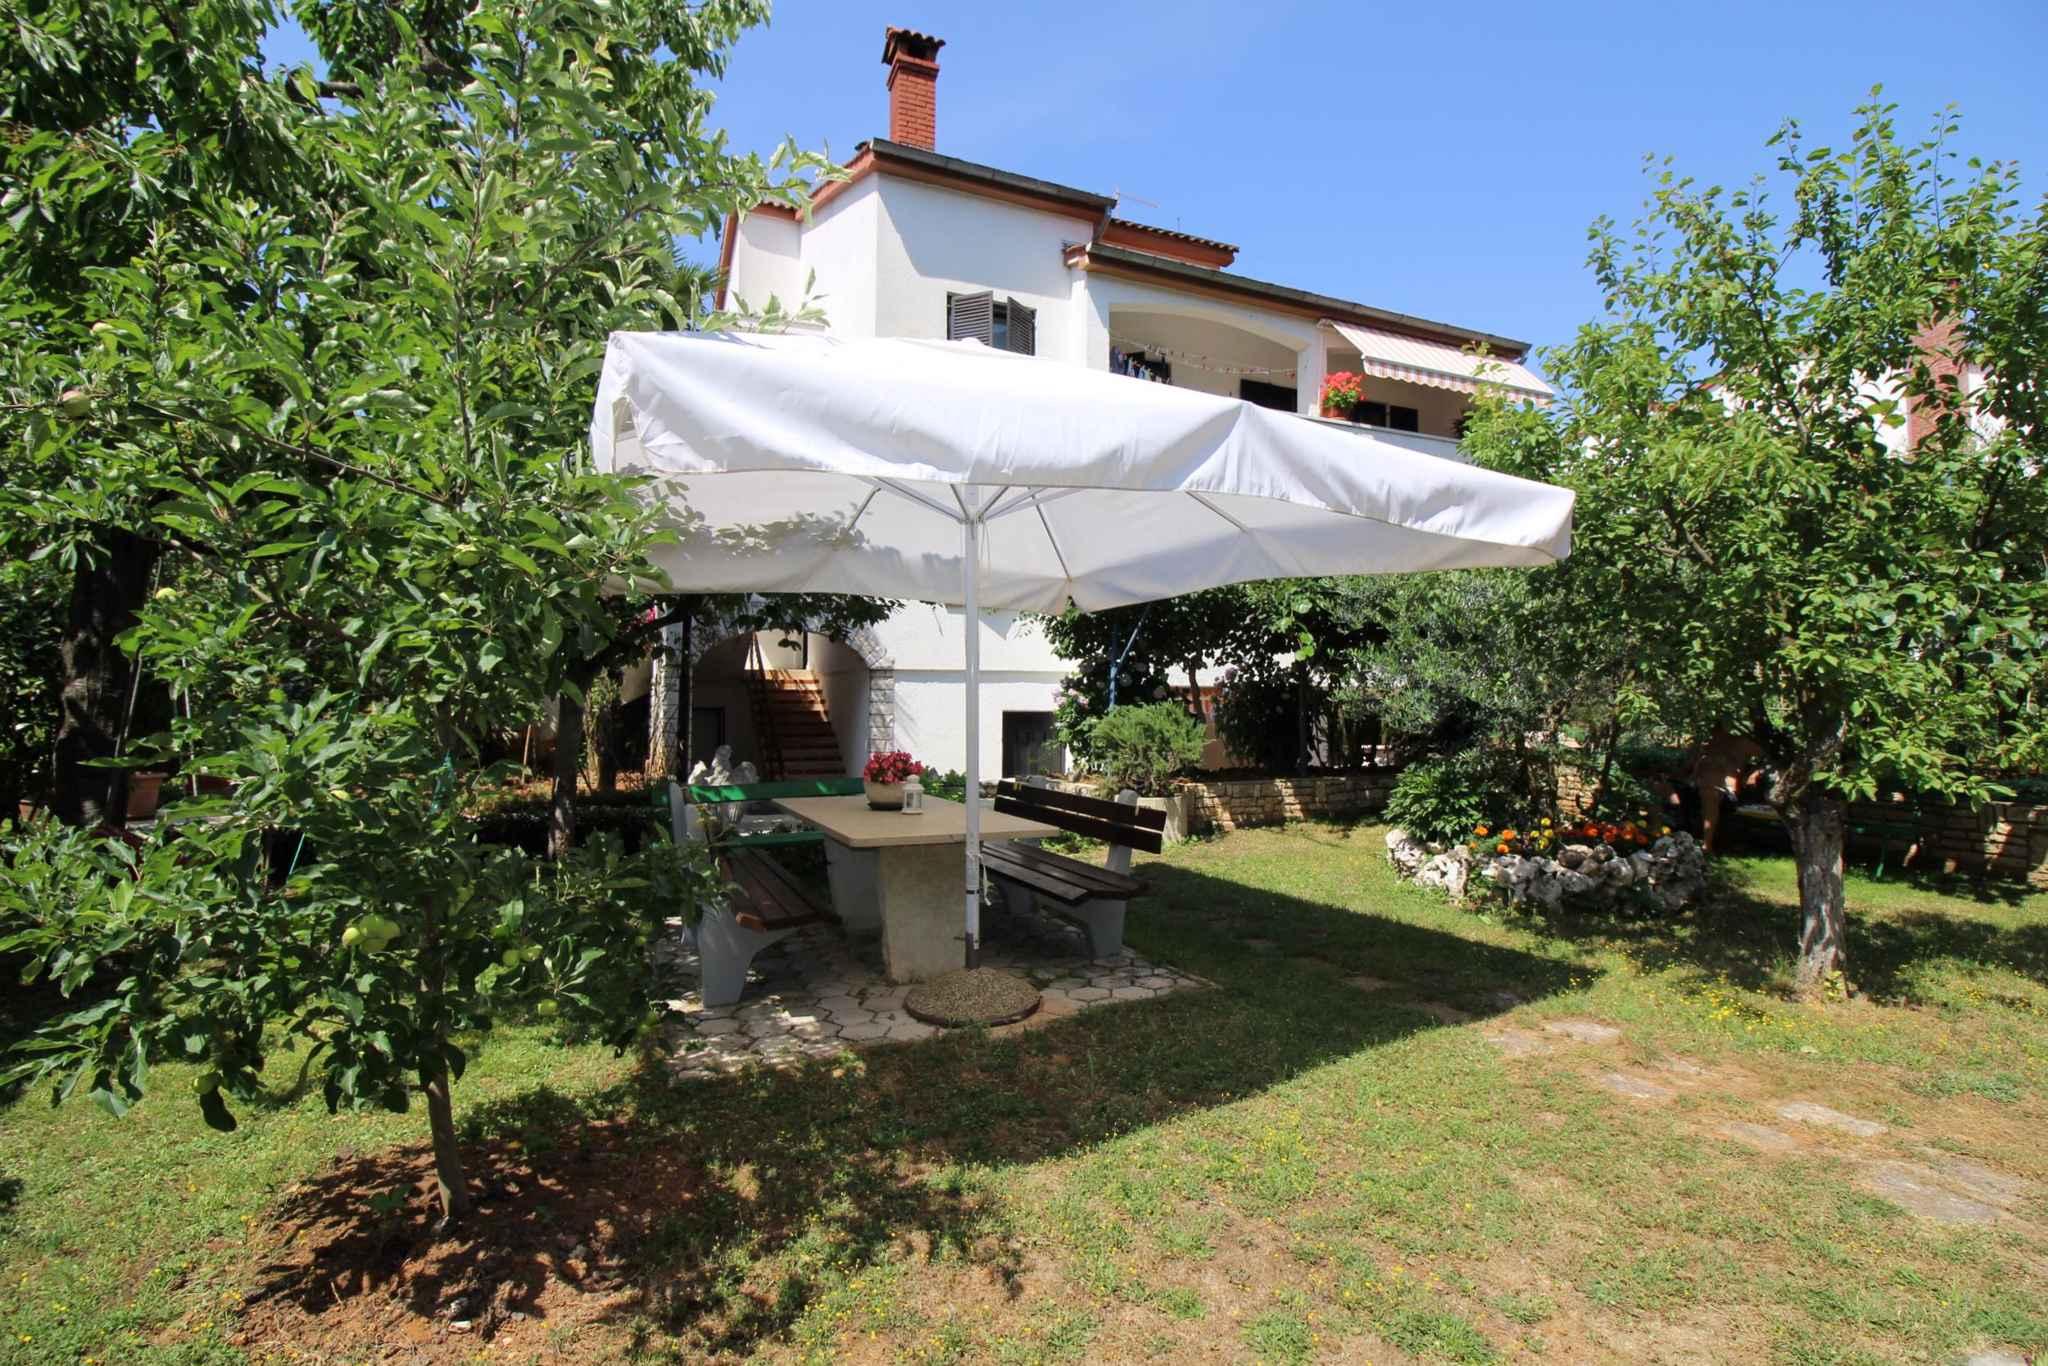 Ferienwohnung mit schönem Garten und Grill (280320), Porec, , Istrien, Kroatien, Bild 1